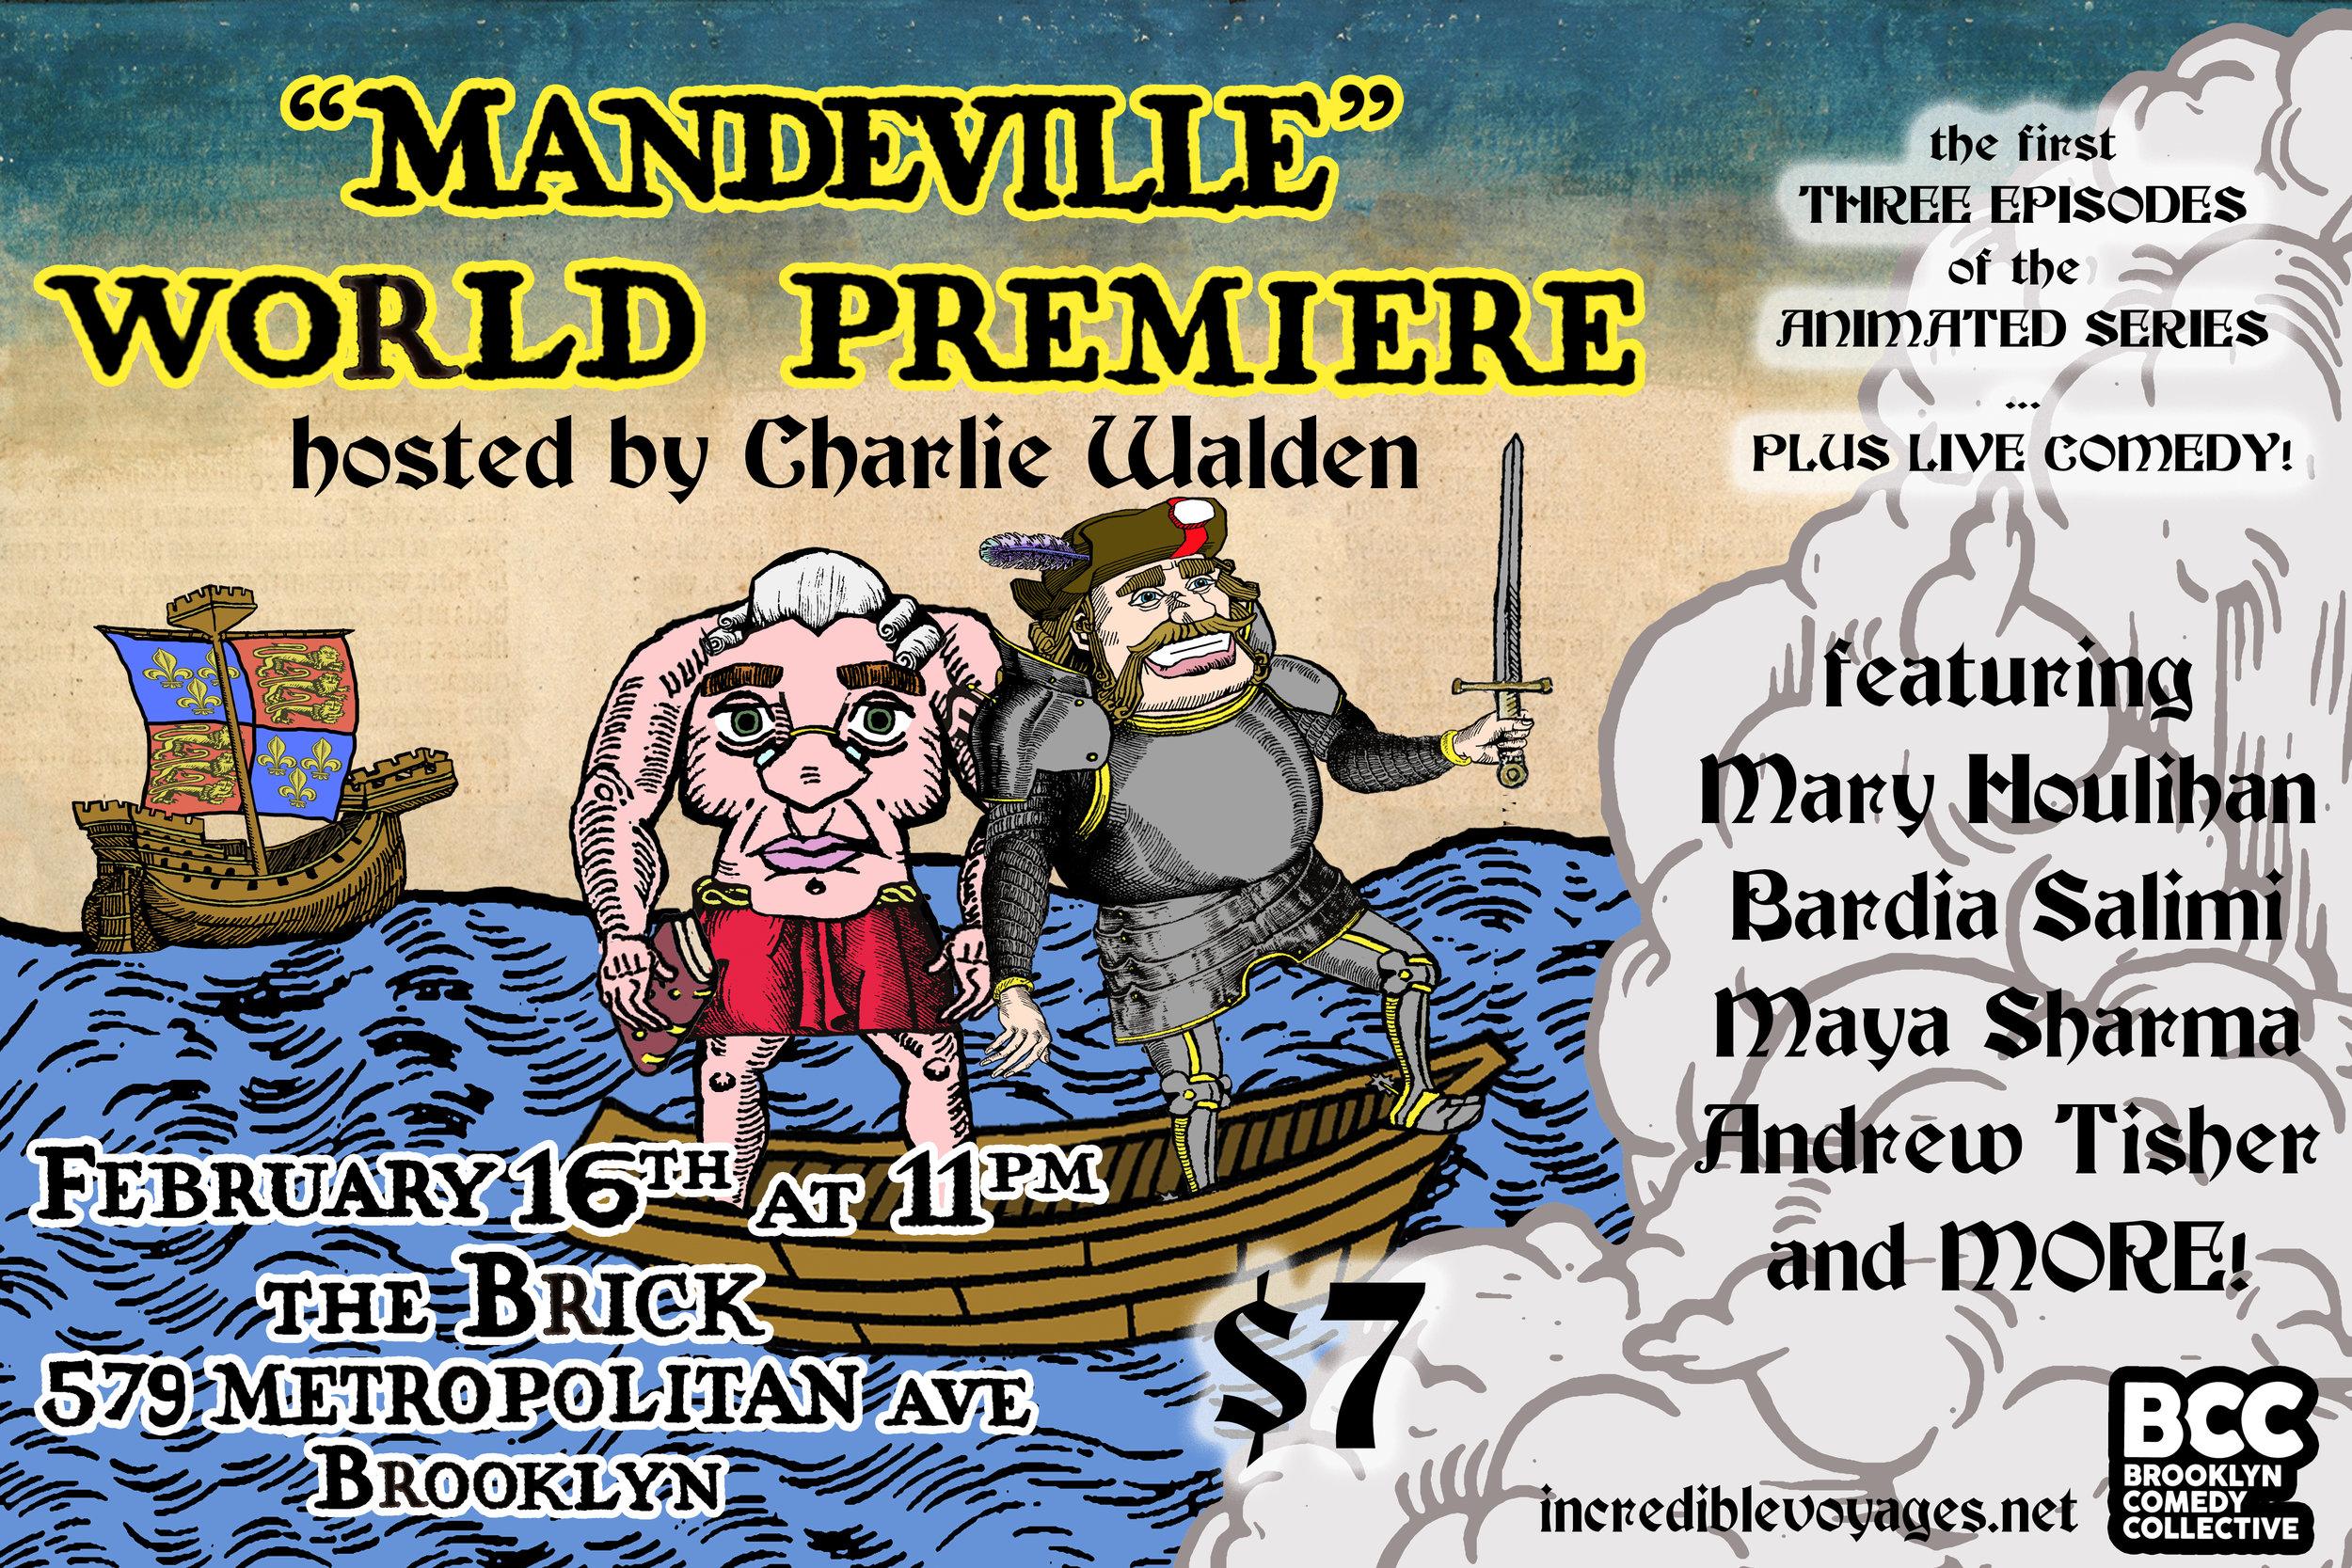 mandeville site image.jpg